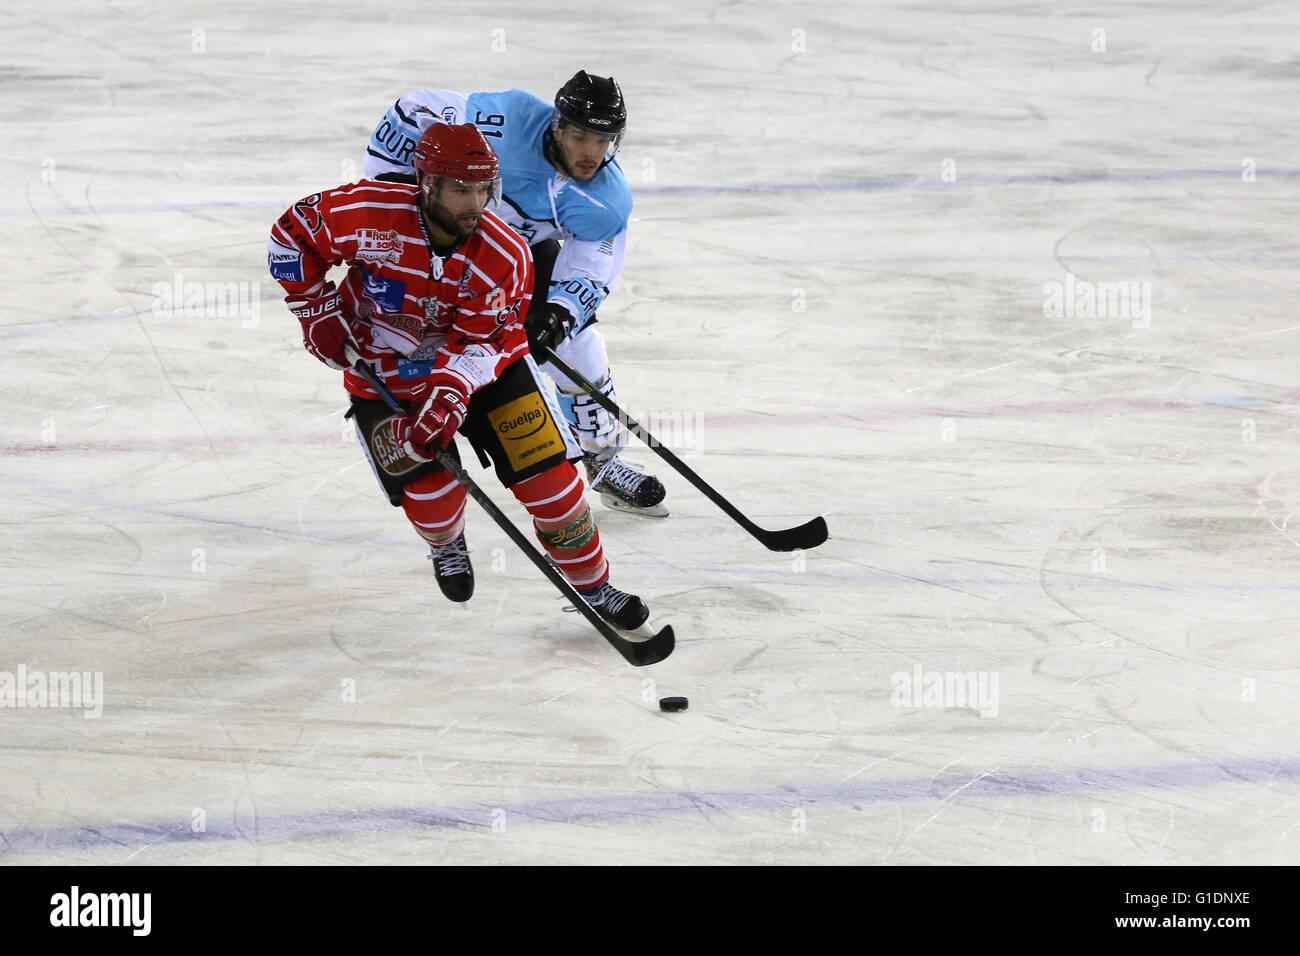 Ice Hockey match.  Mont-Blanc vs Tours.  Saint-Gervais-les-Bains. France. - Stock Image